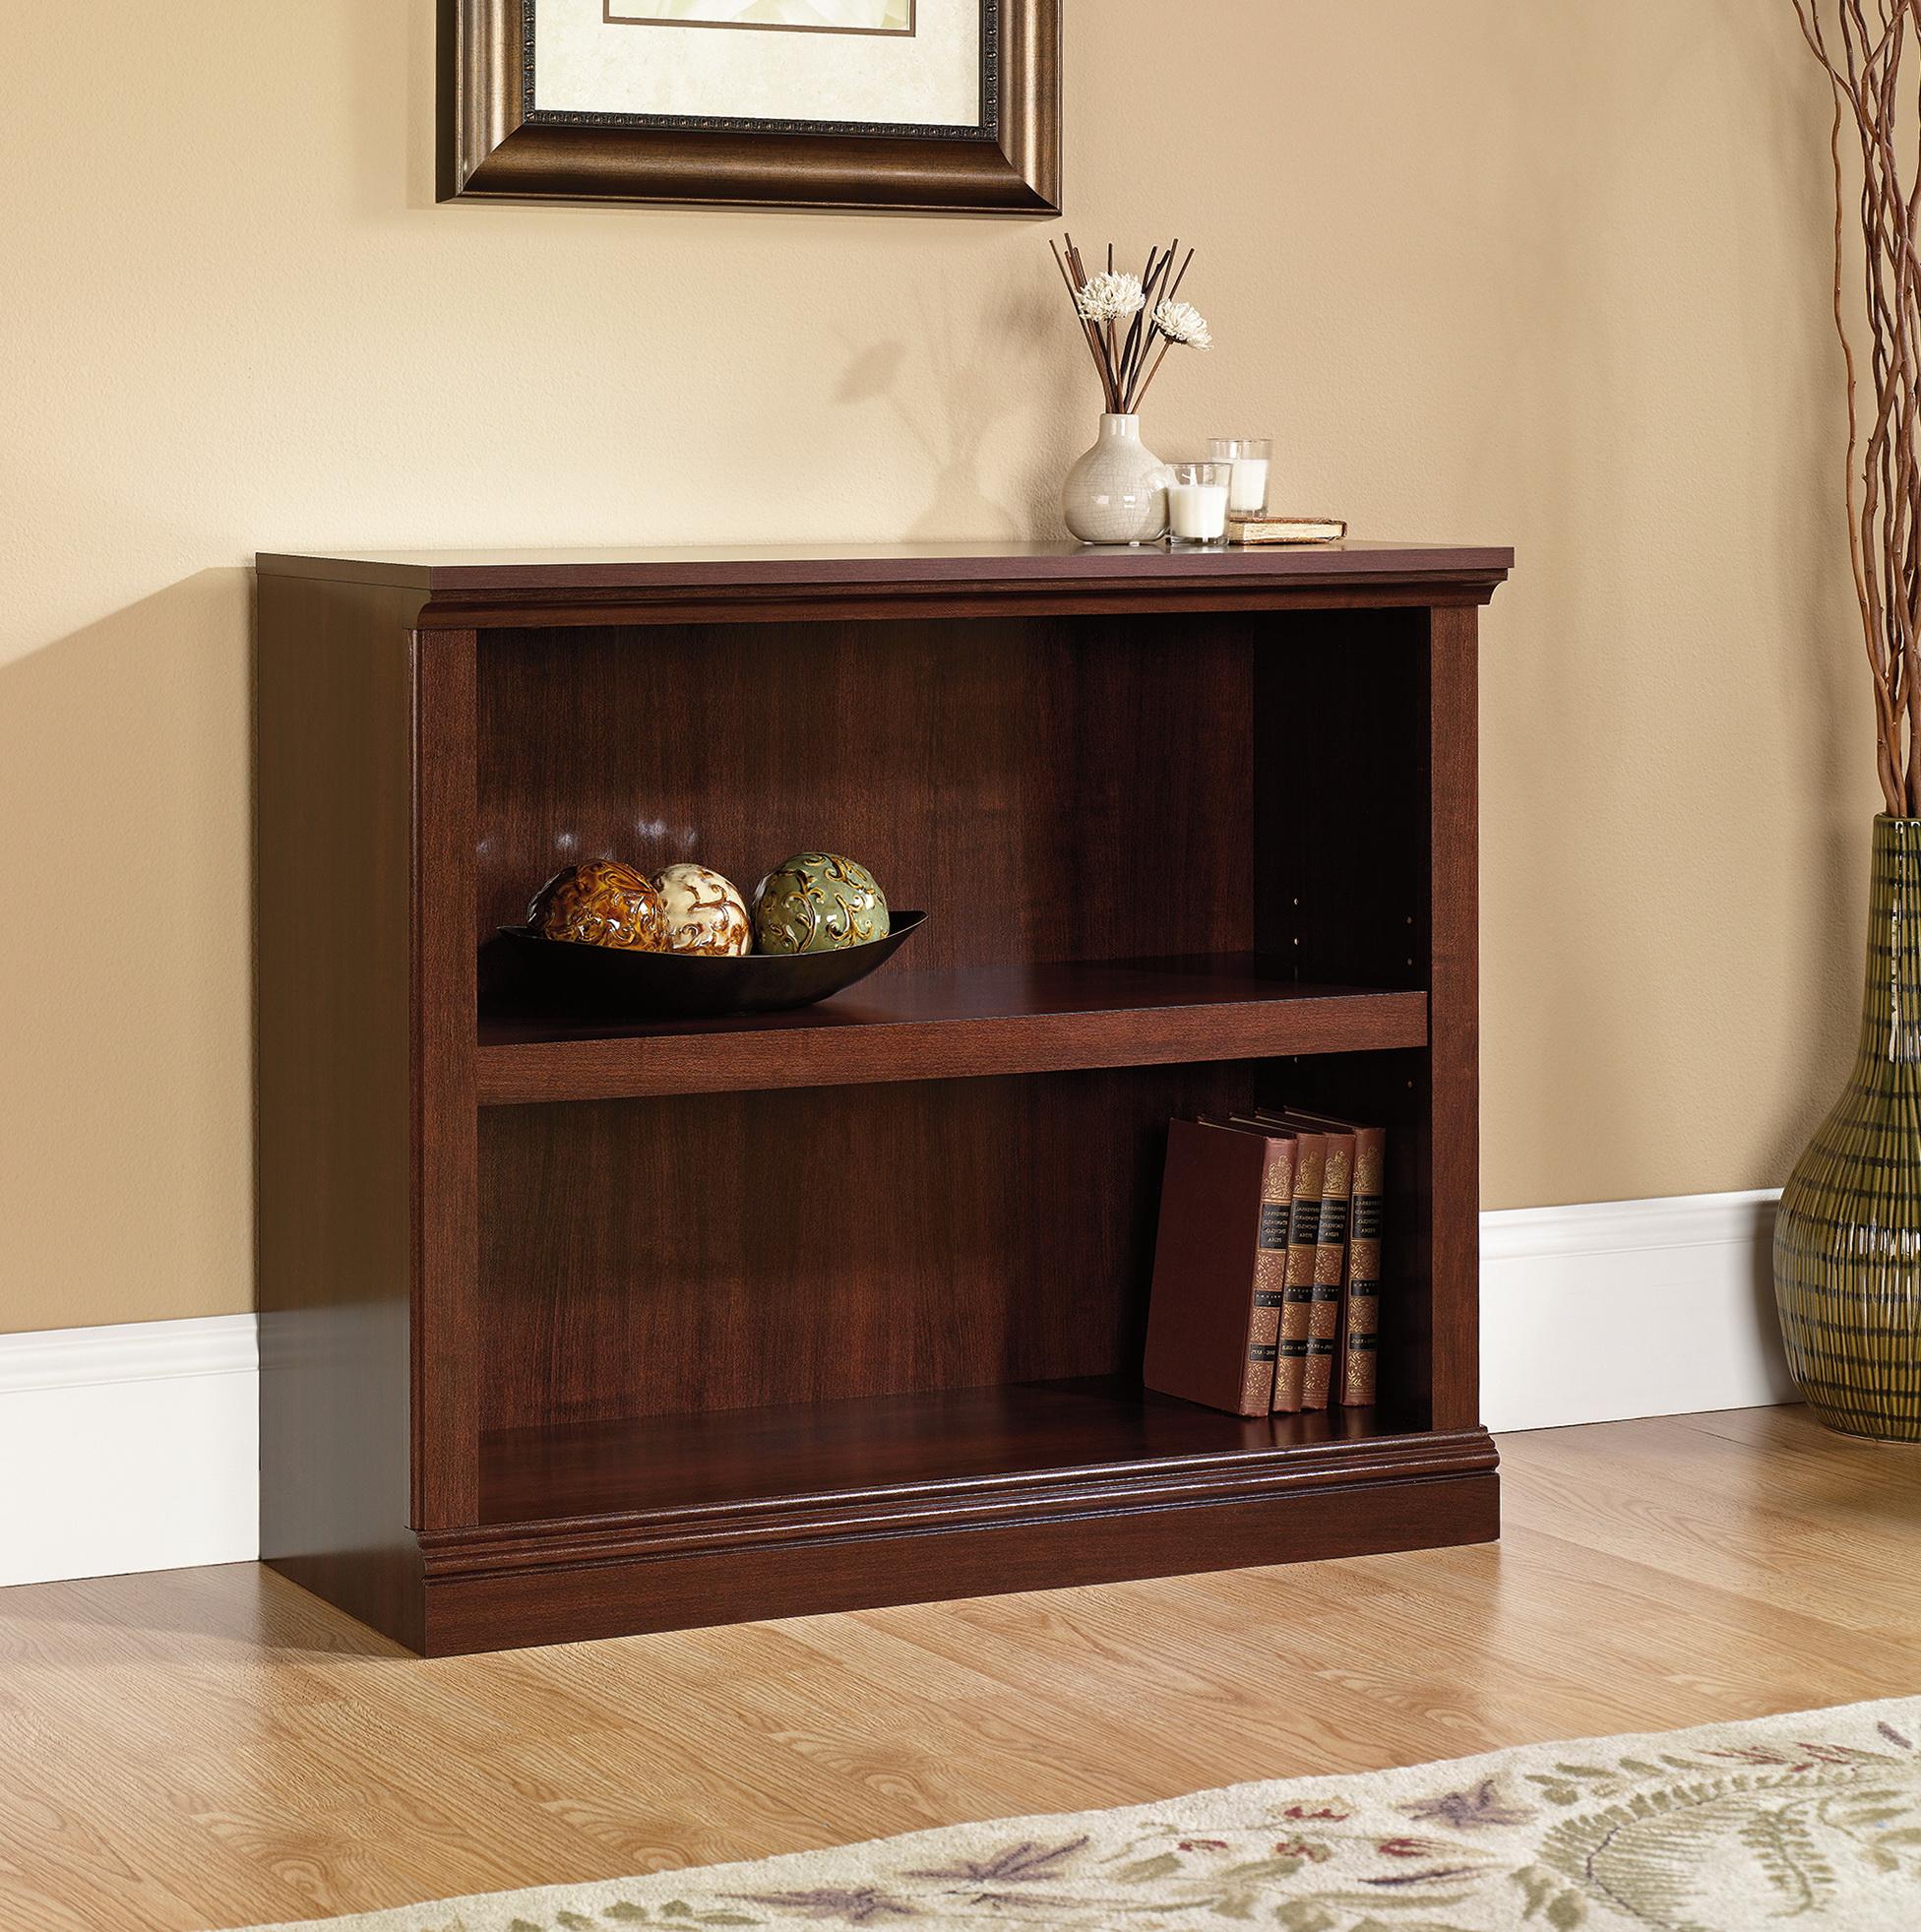 Sauder 2 Shelf Bookcase